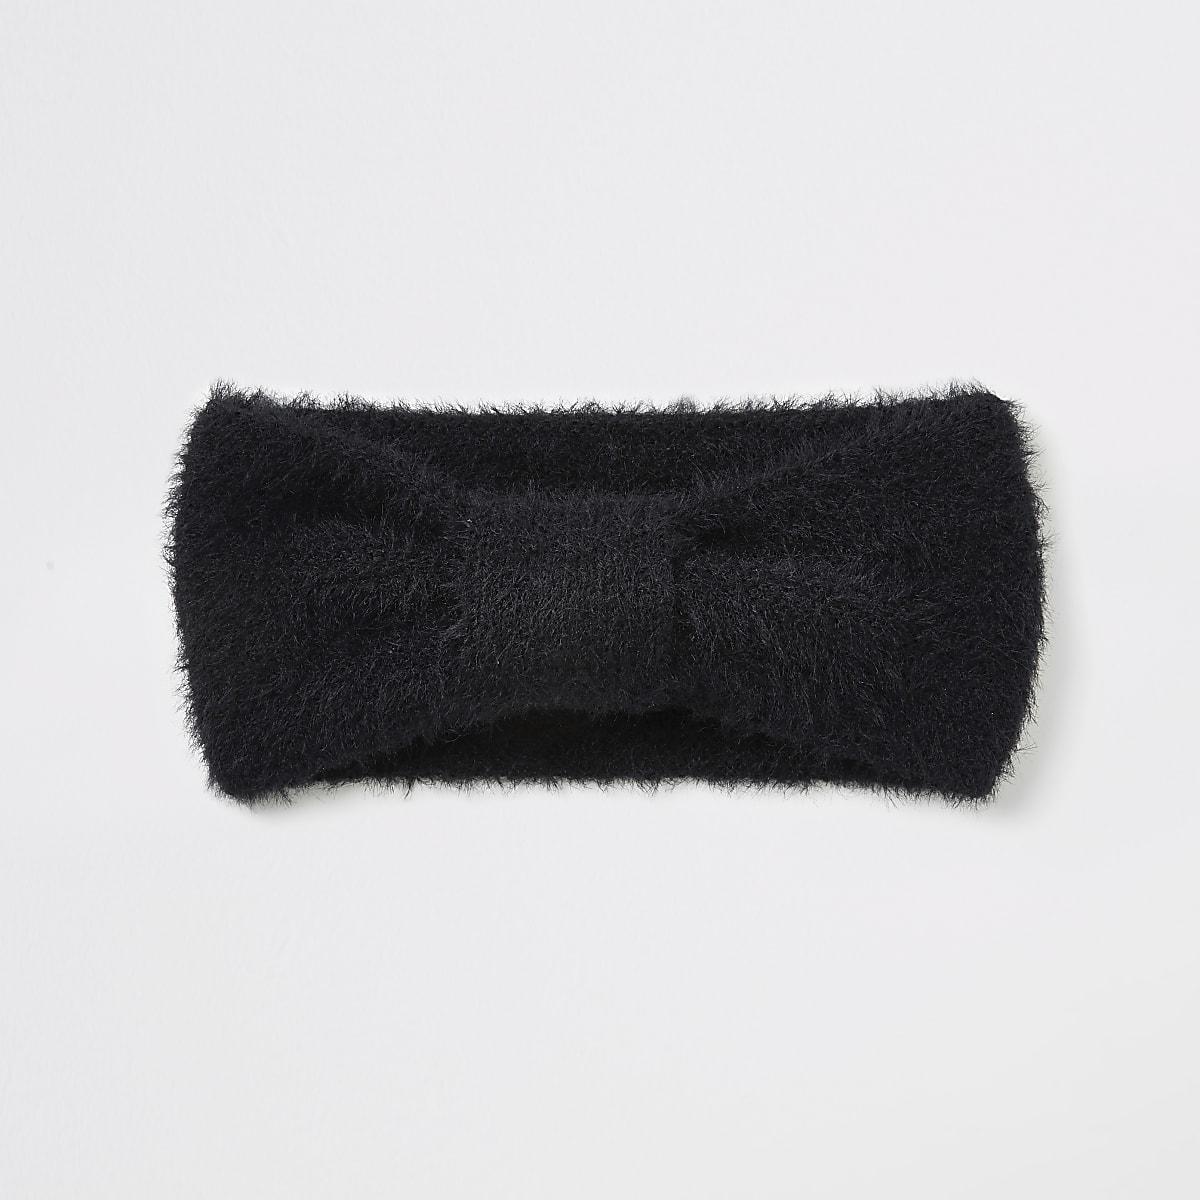 Zwarte pluizige gebreide hoofdband met strik voor